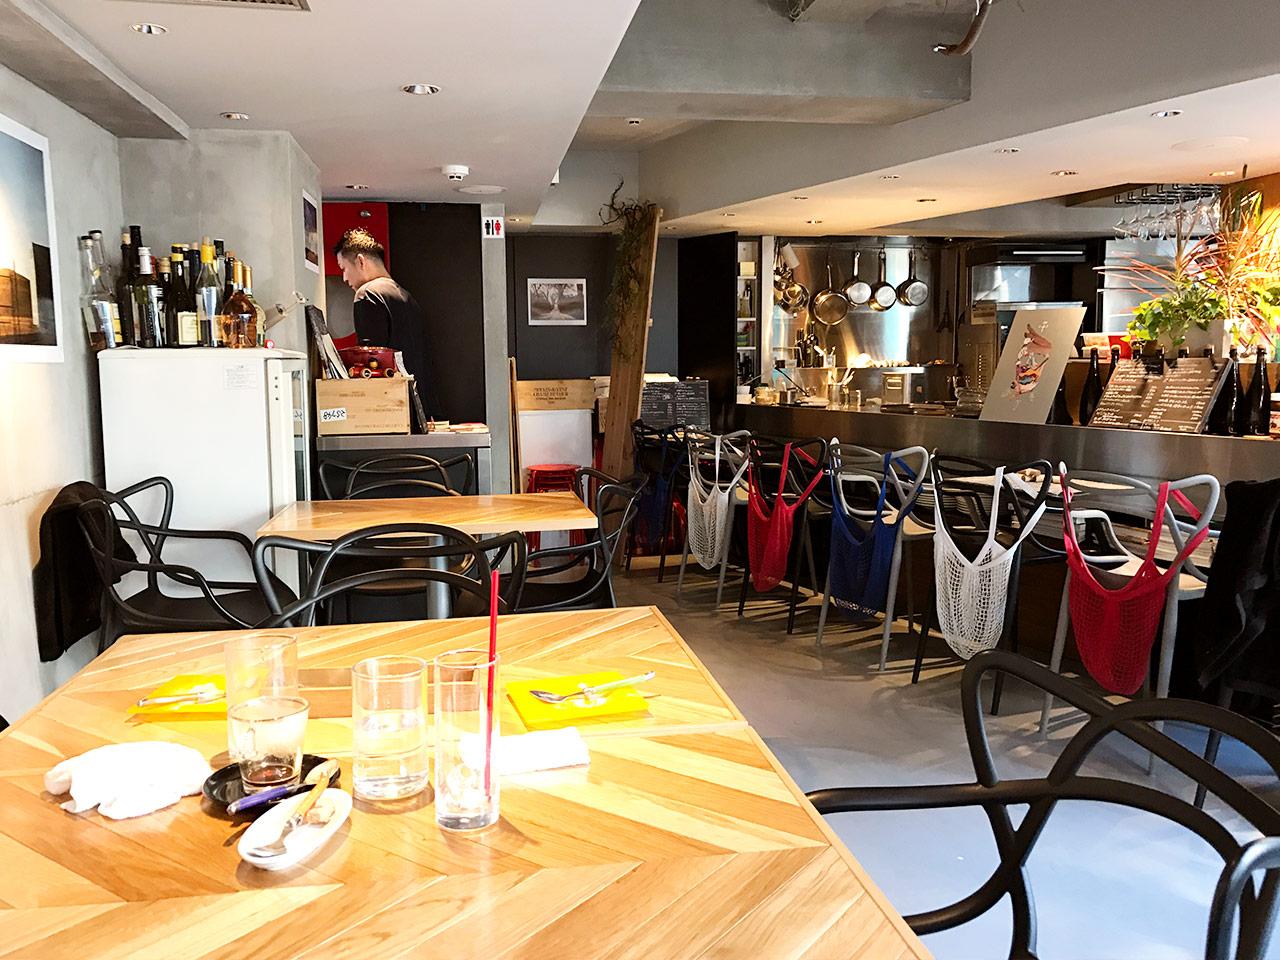 三軒茶屋「マルノワ」の店内